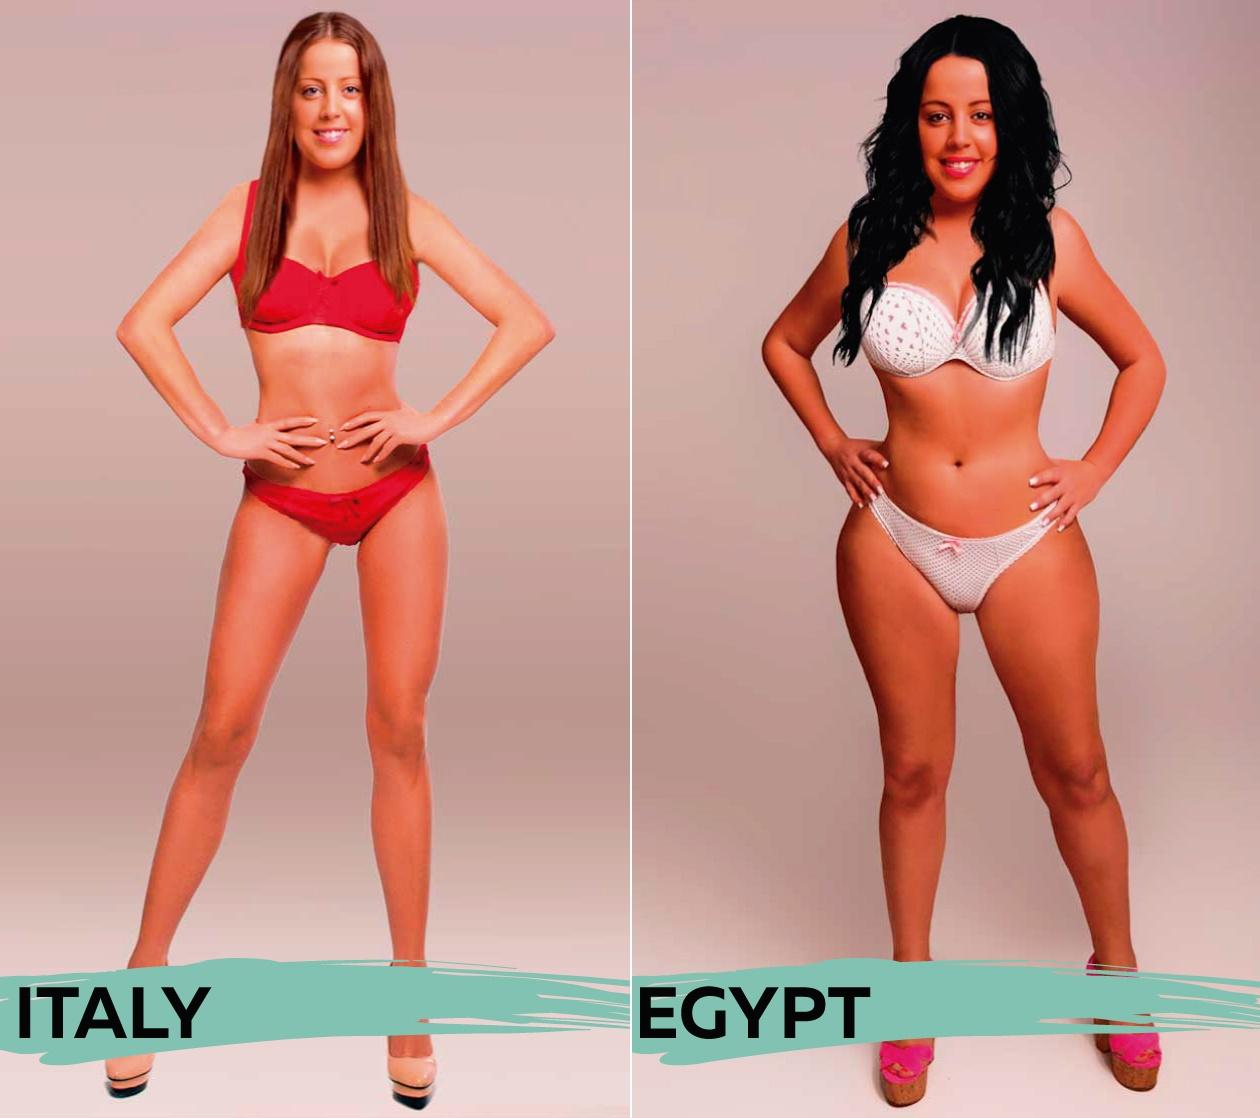 italia egypti malli